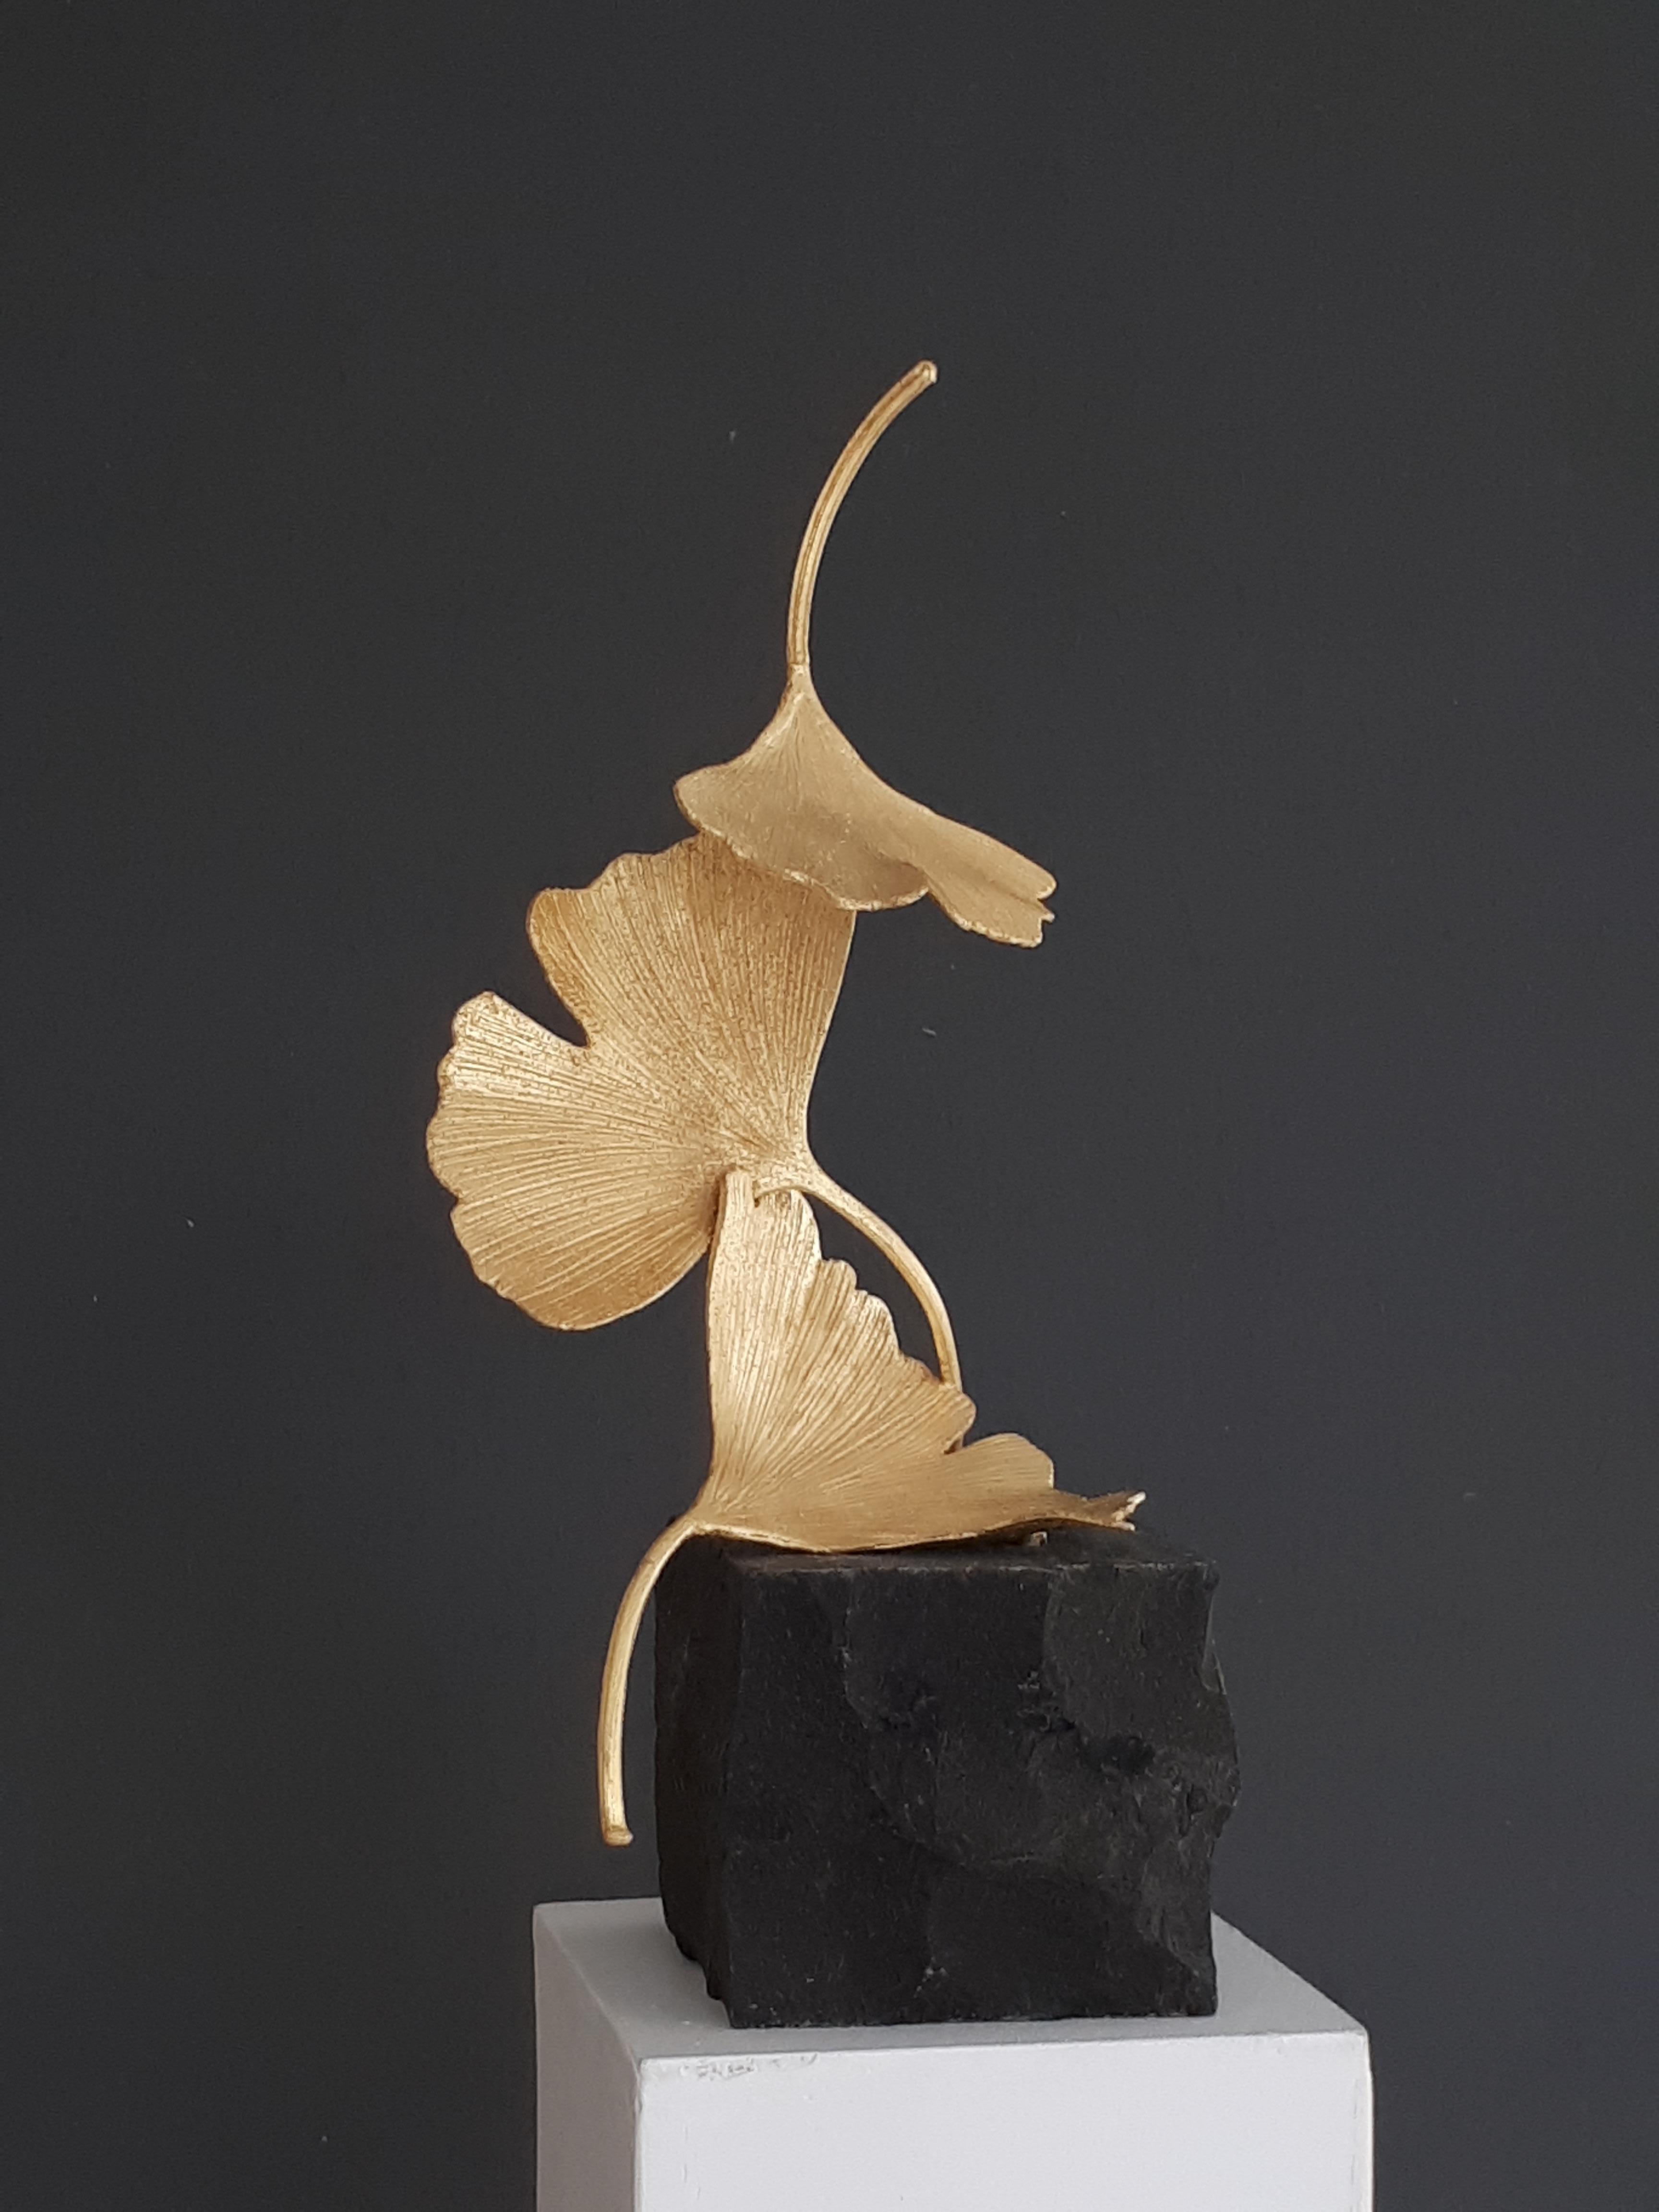 Golden Gingko by Kuno Vollet - Cast Brass gilded sculpture on black granite base